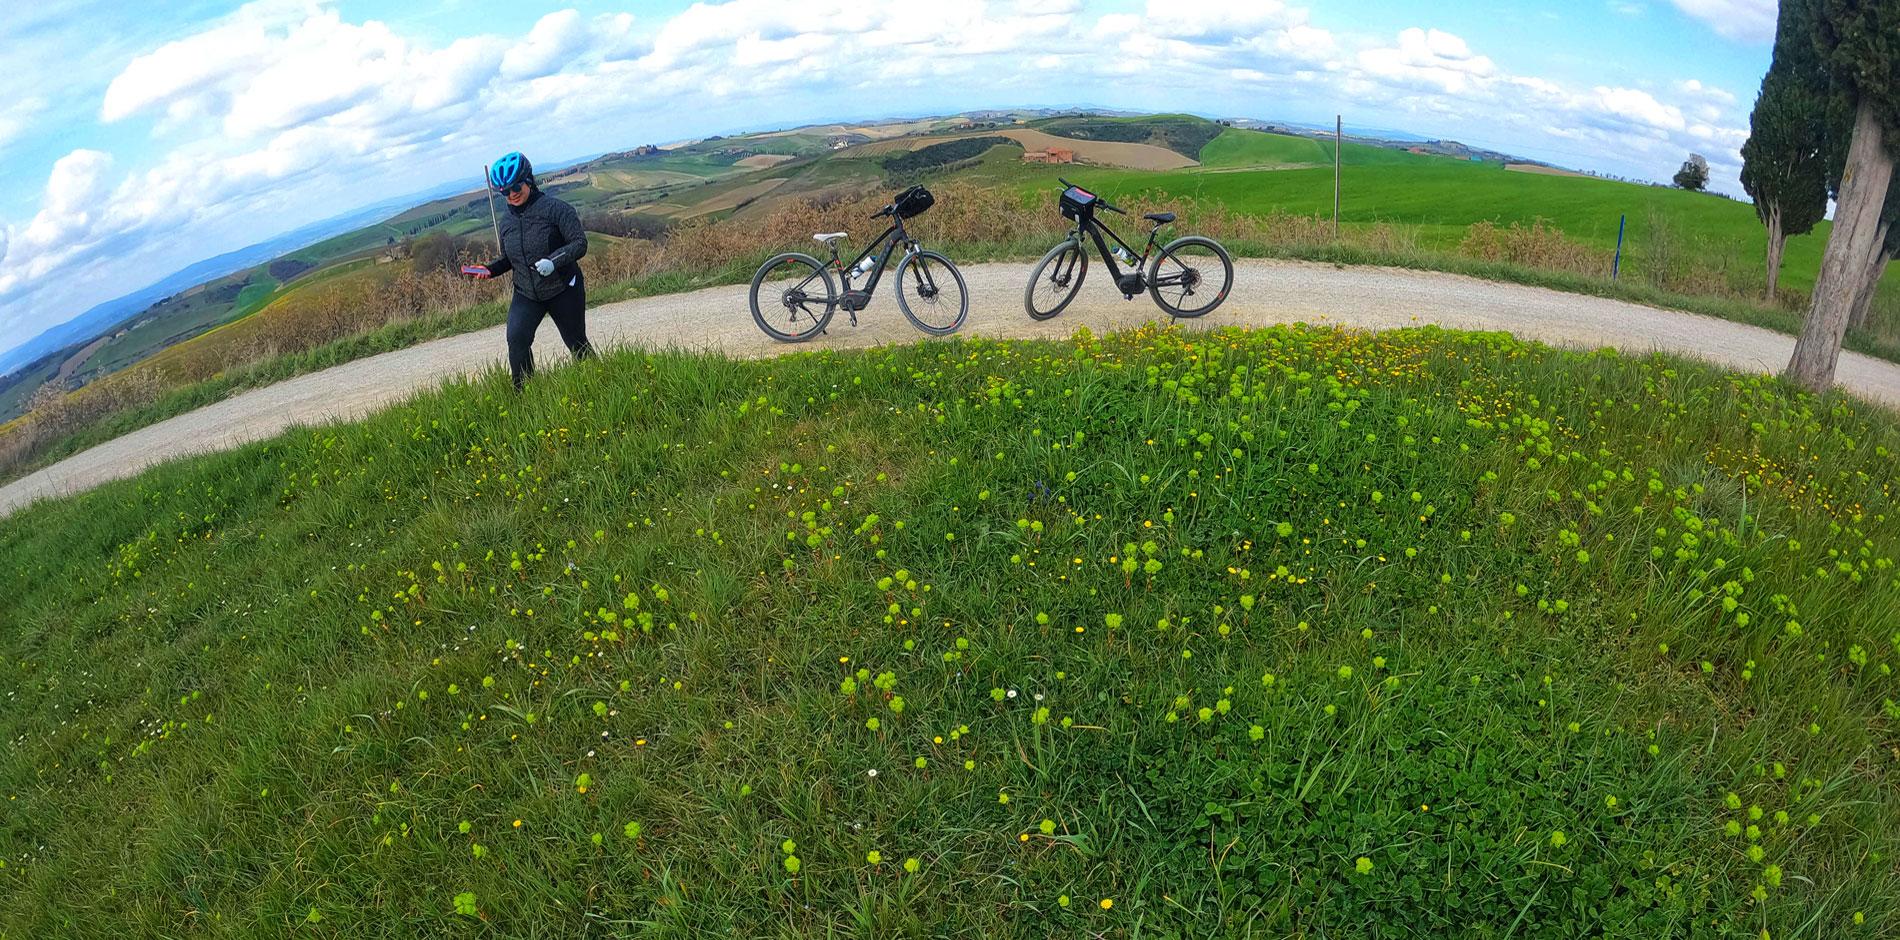 e-bike in Tuscany